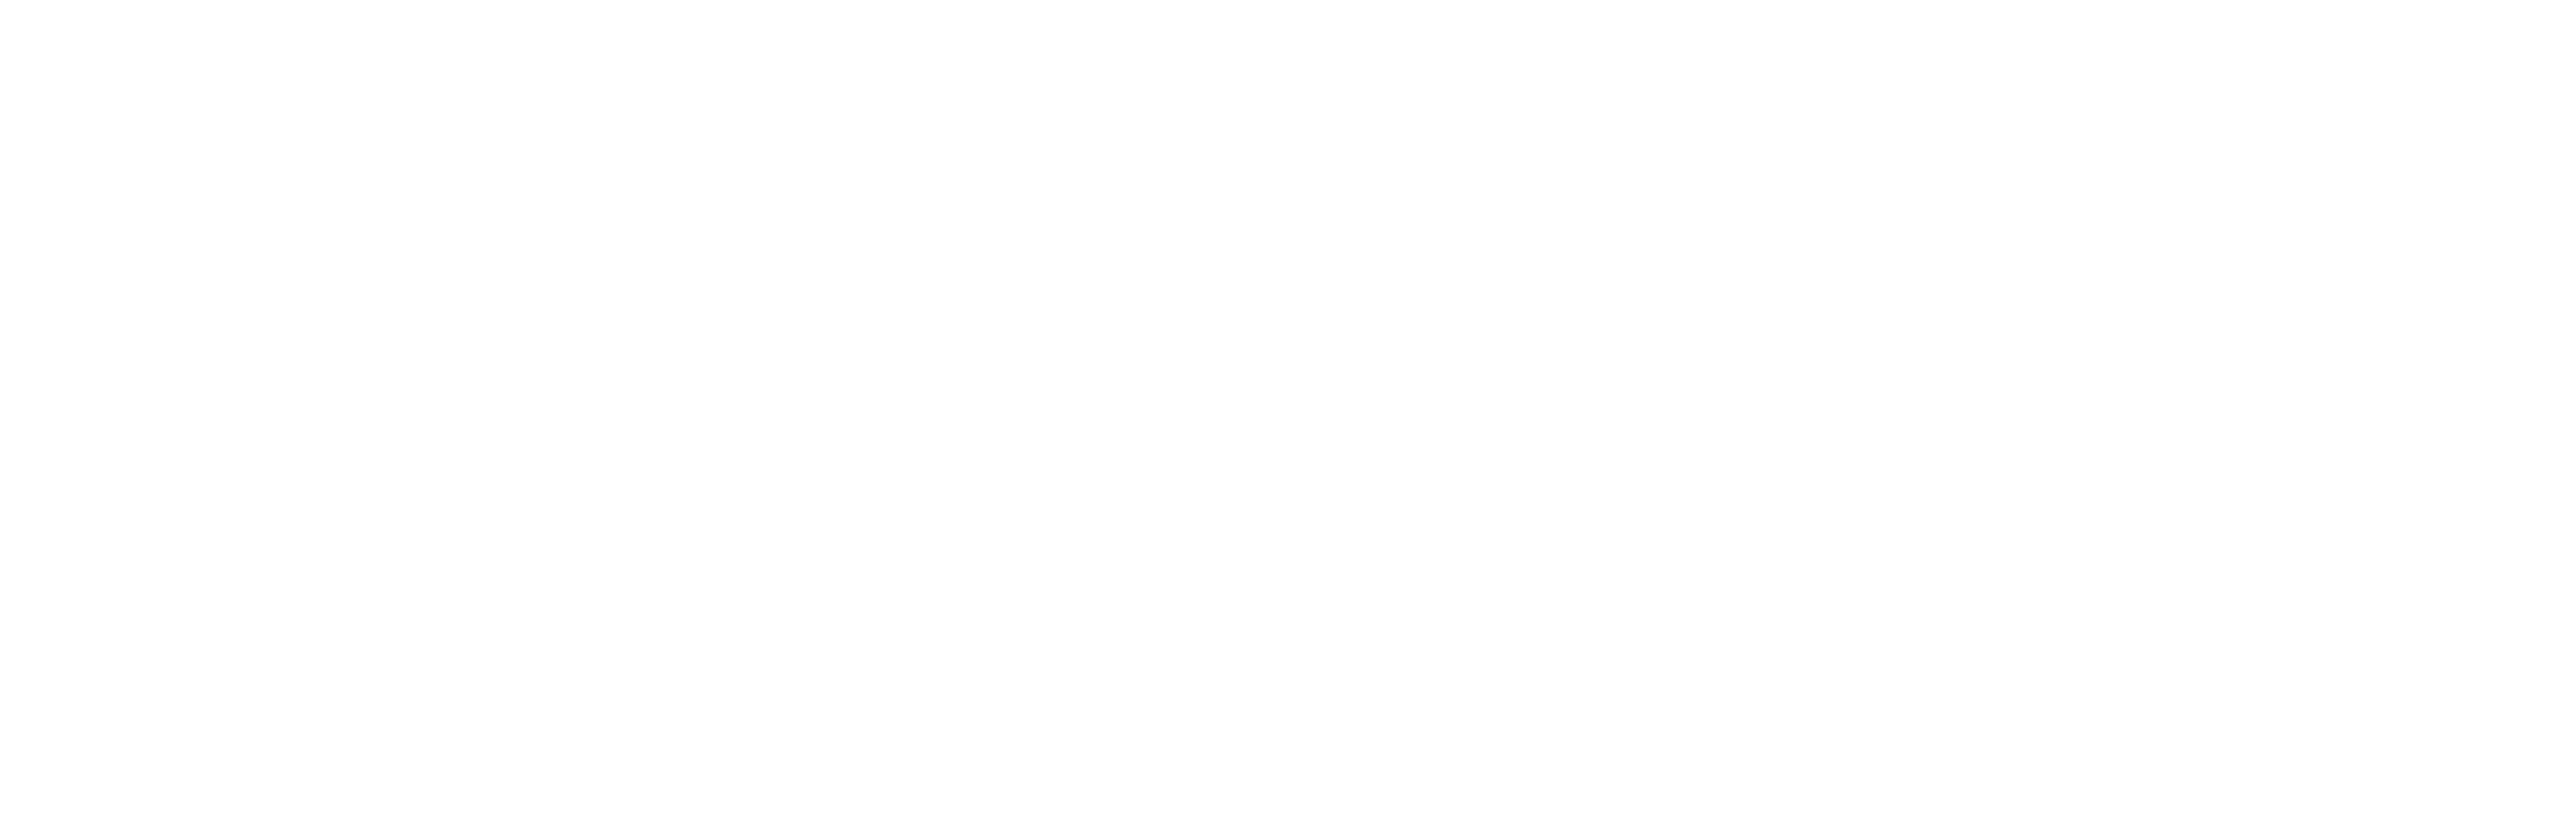 frutilandia_logo_final-05